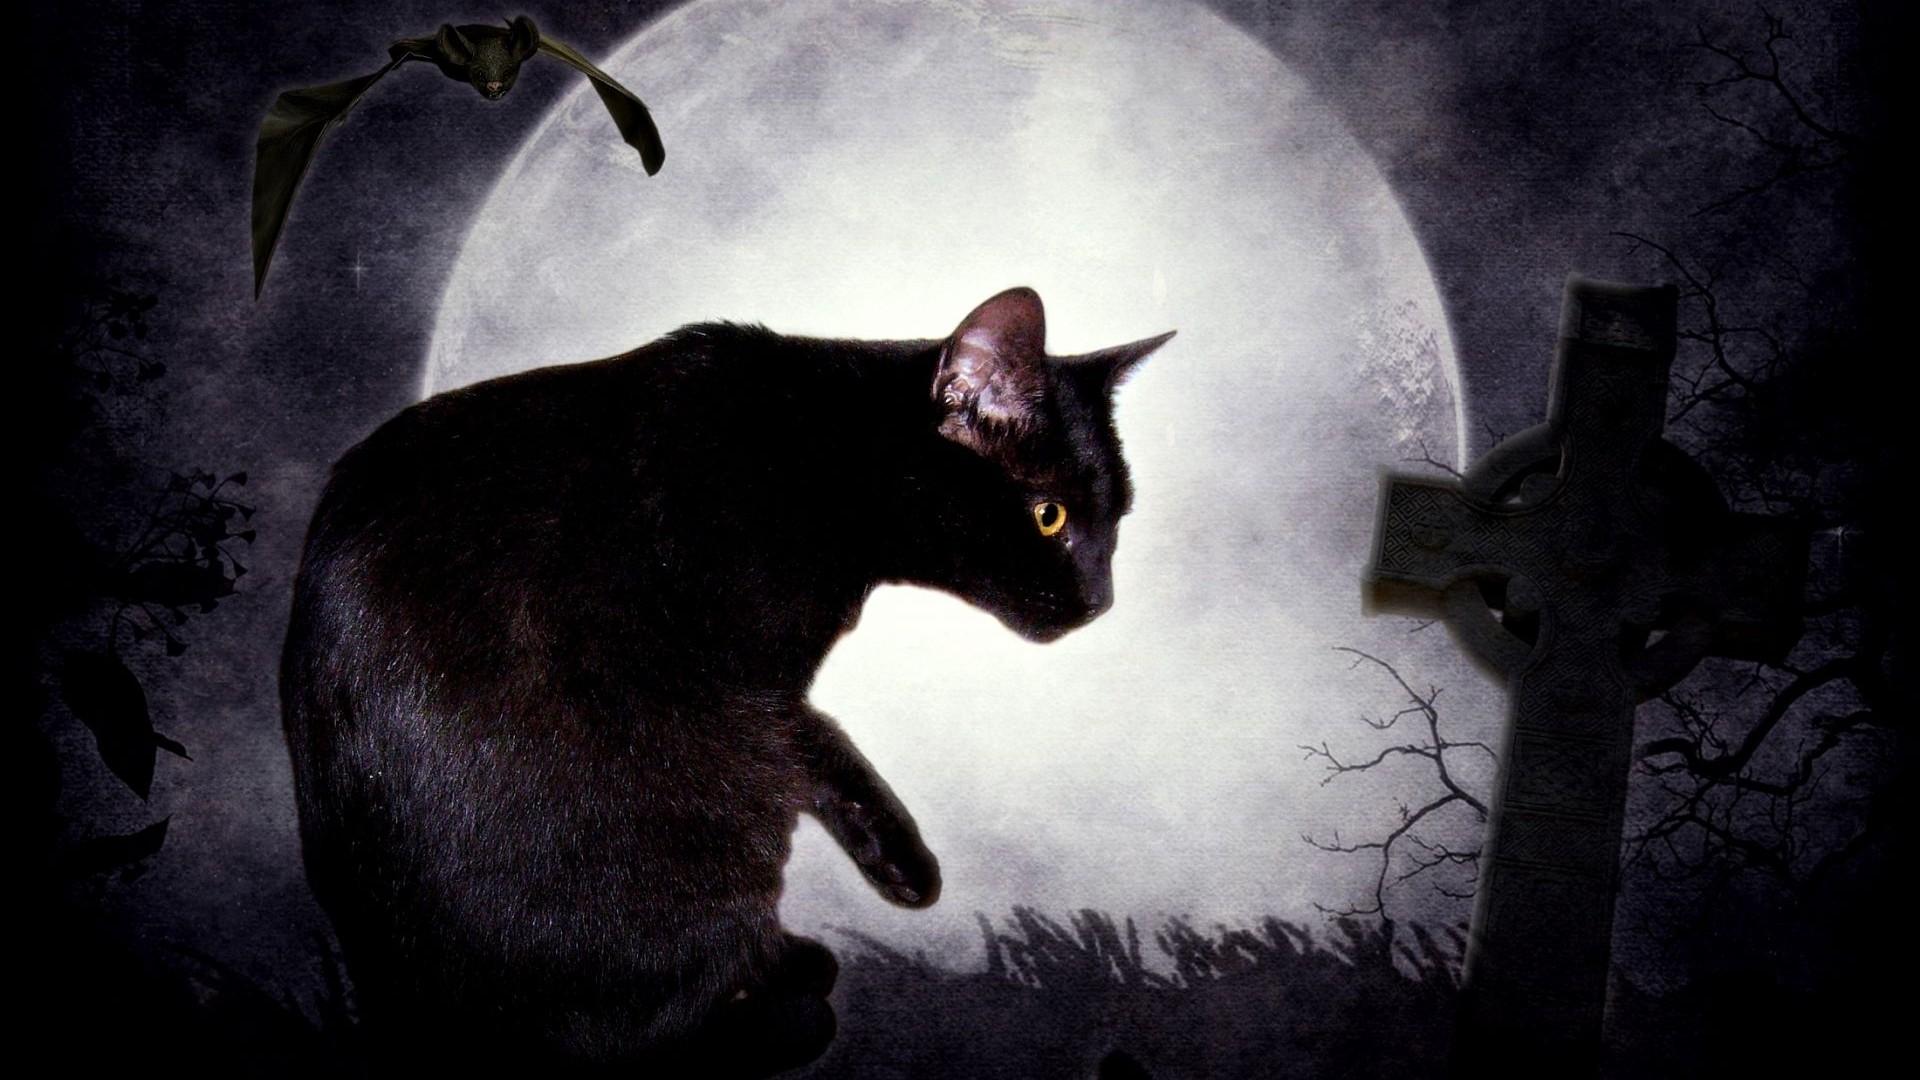 долгопяты человеку стали нравиться коты мистика ли это поверхности маленькой